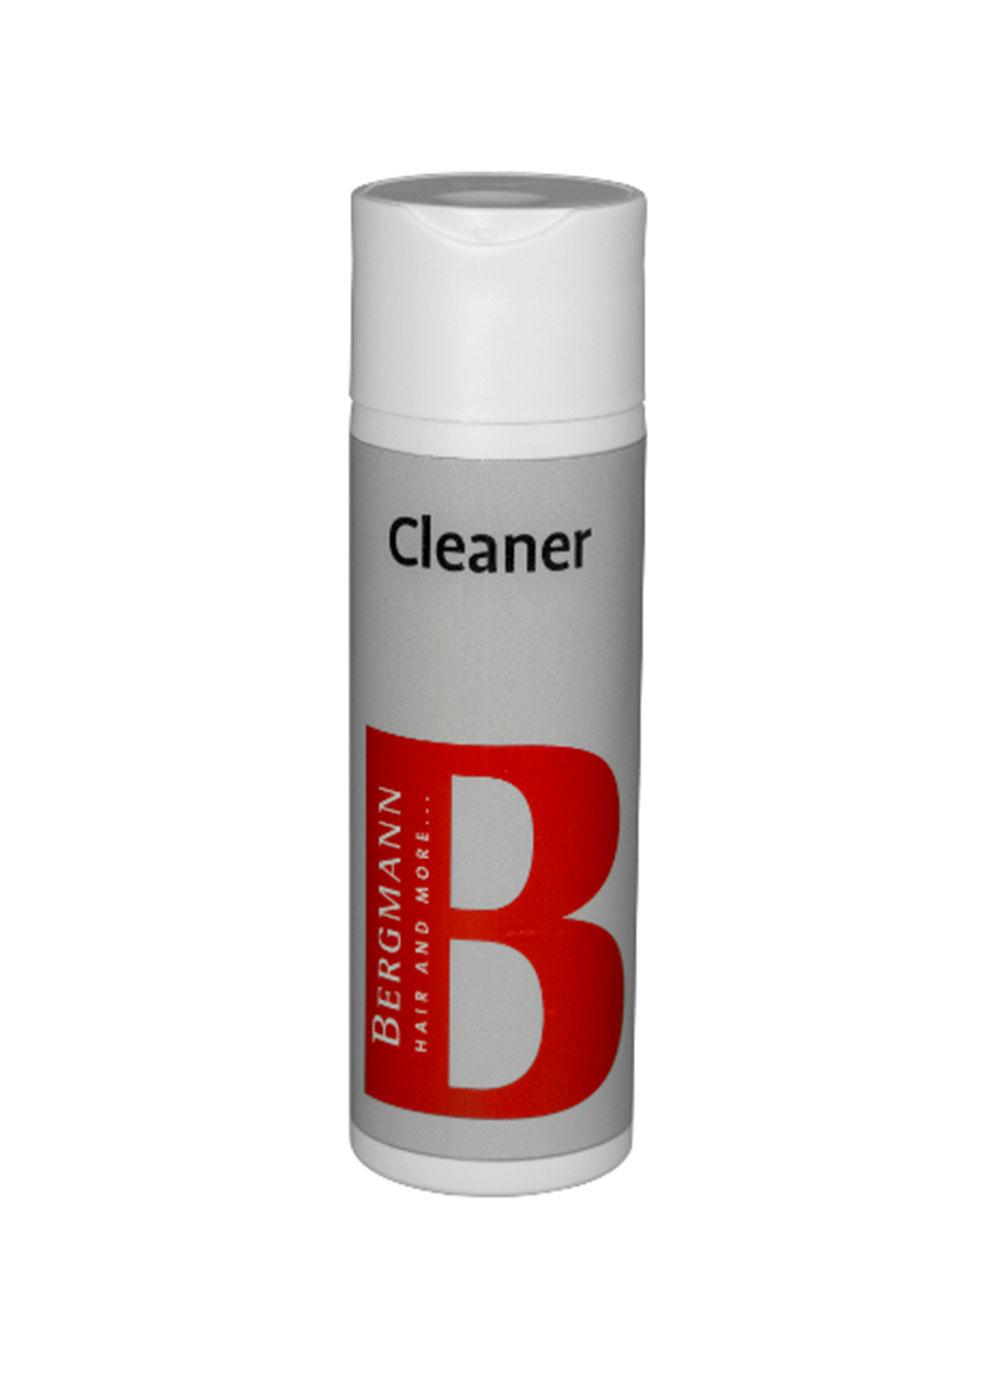 Bergmann Zubehör - Care & Style Cleaner 200ml